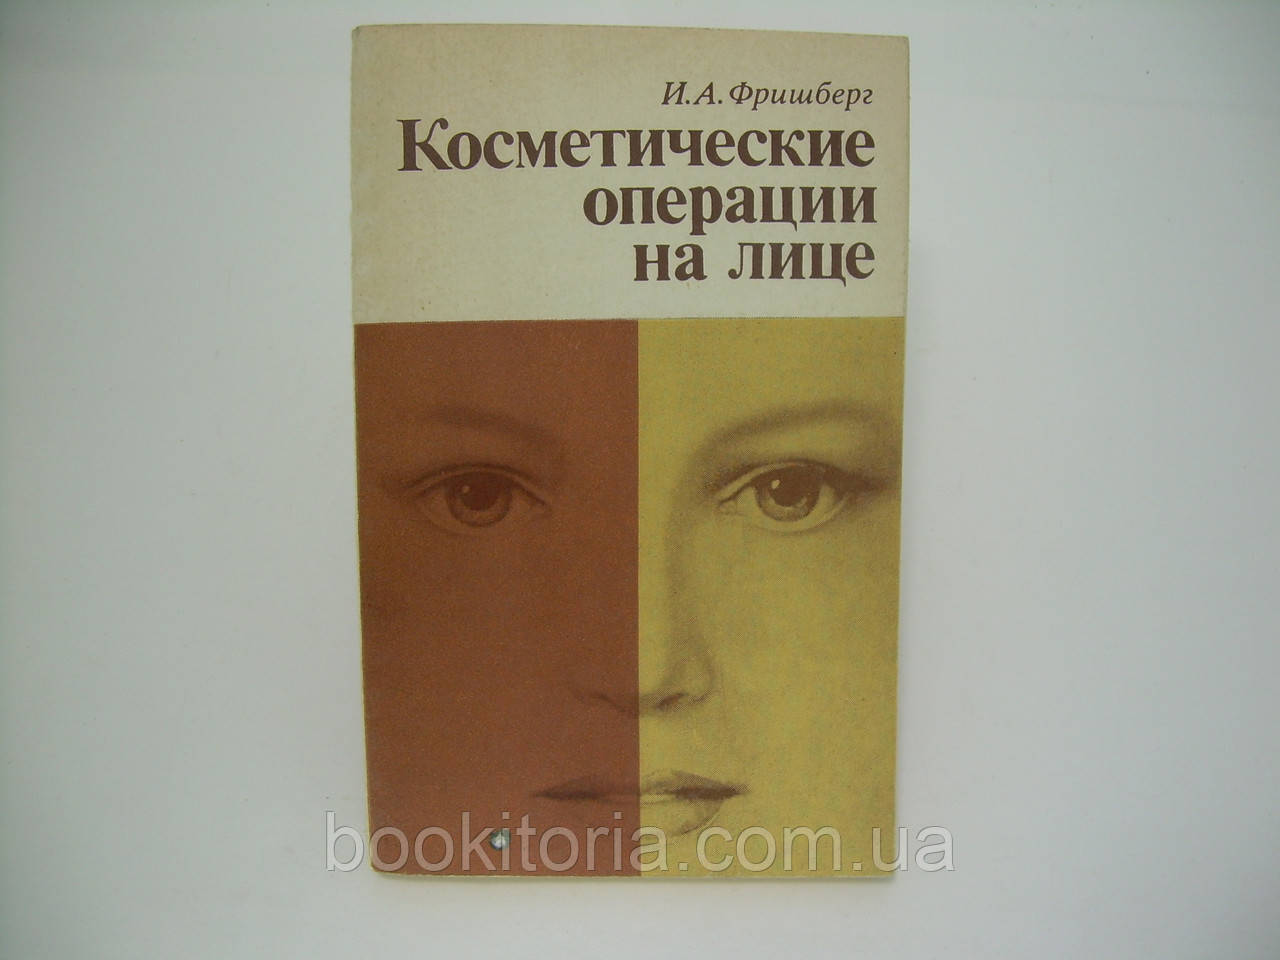 Фришберг И.А. Косметические операции на лице (б/у).